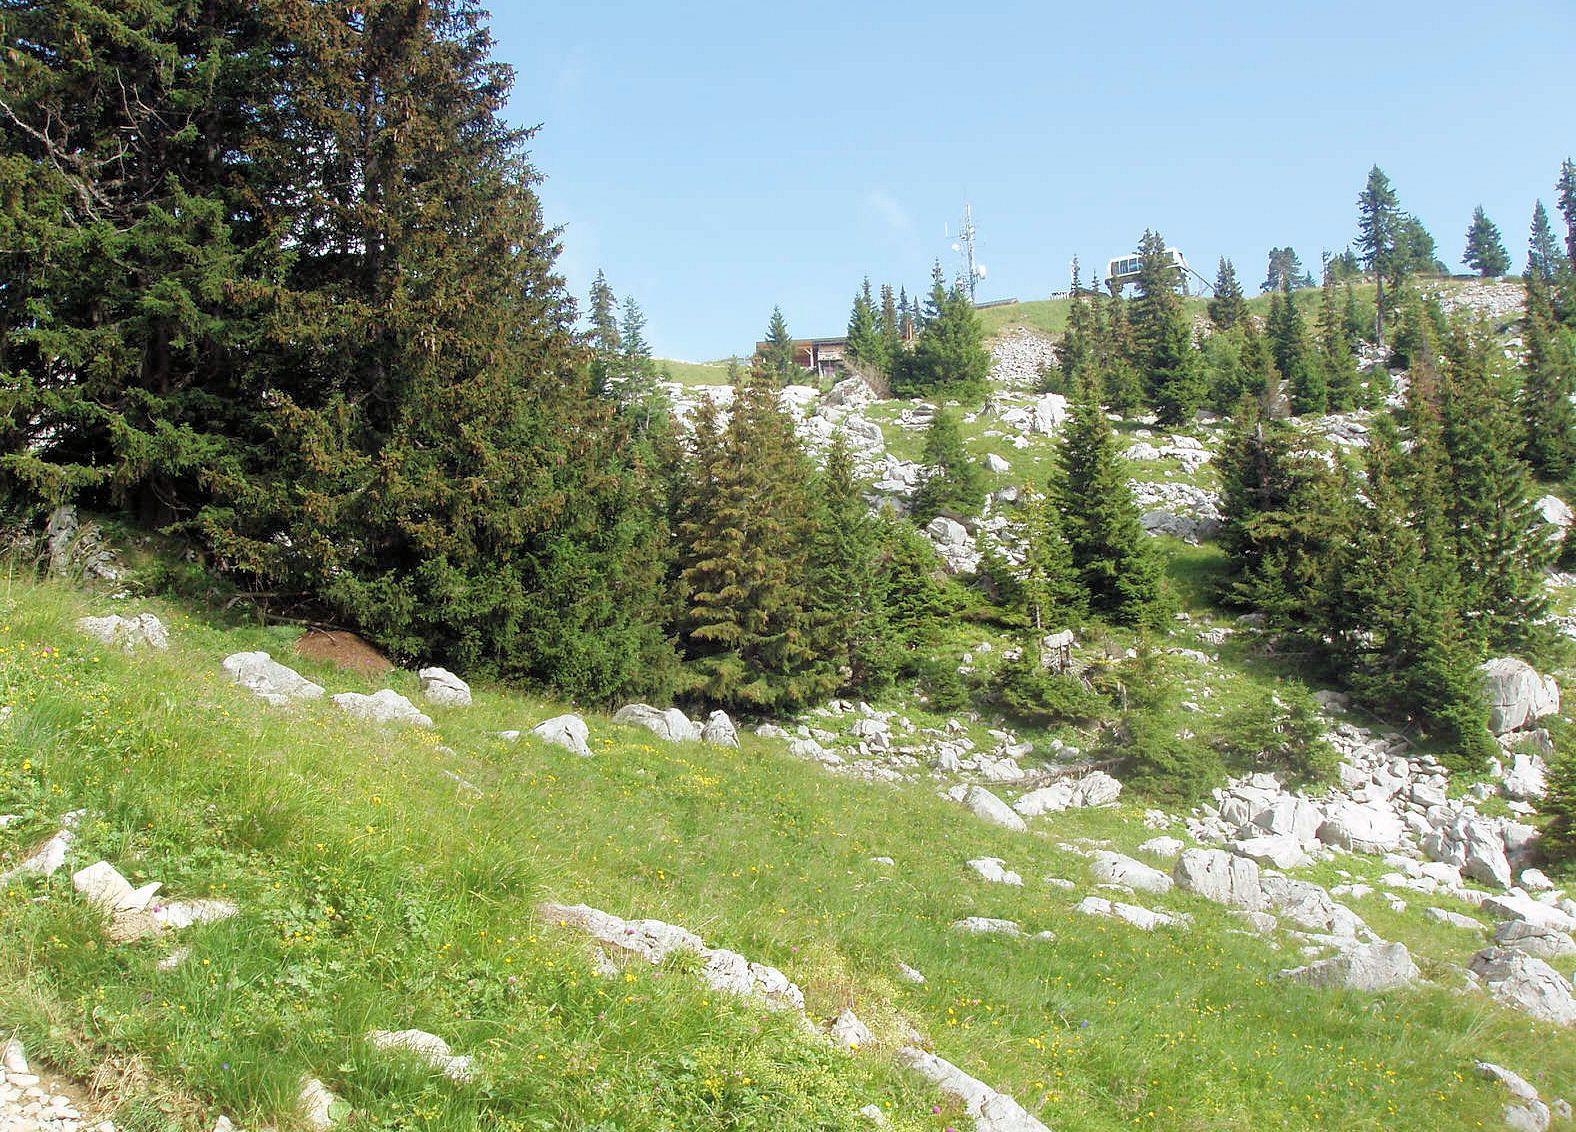 La gare d'arrivée du télésiège est en vue&#x3B; pose avant d'attaquer le sommet (dans la brume)